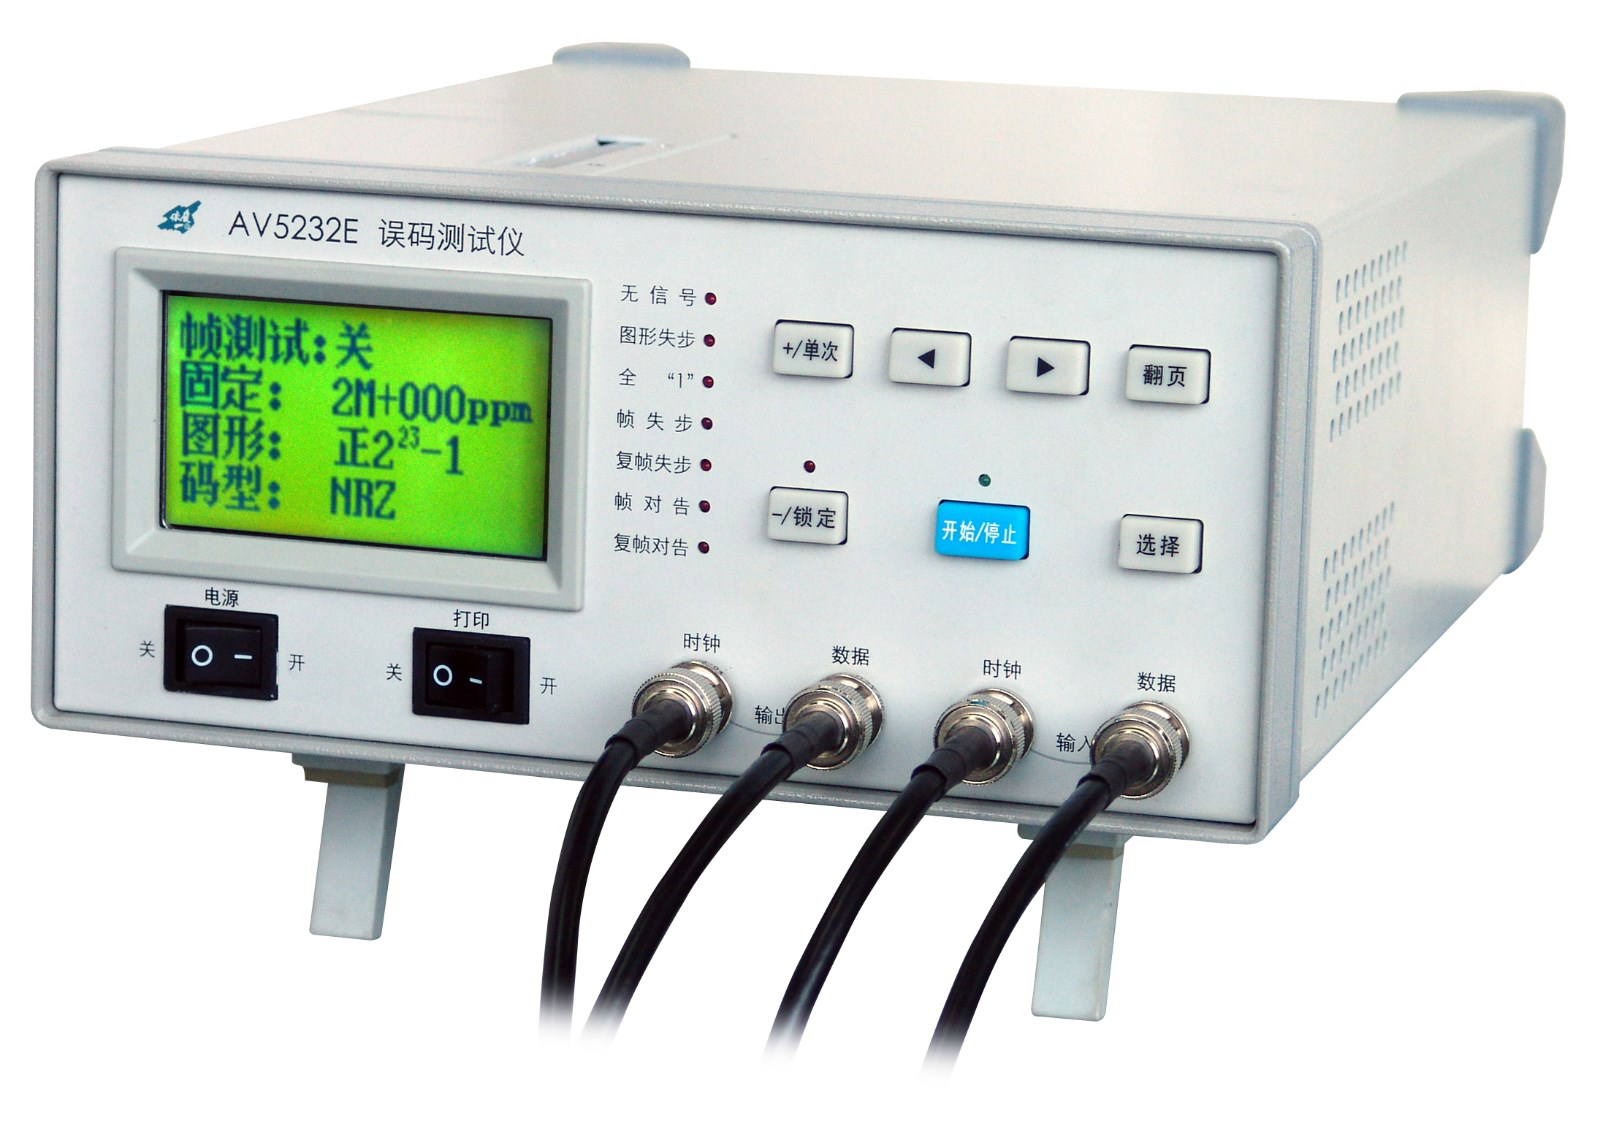 通信類-5232E型誤碼測試儀